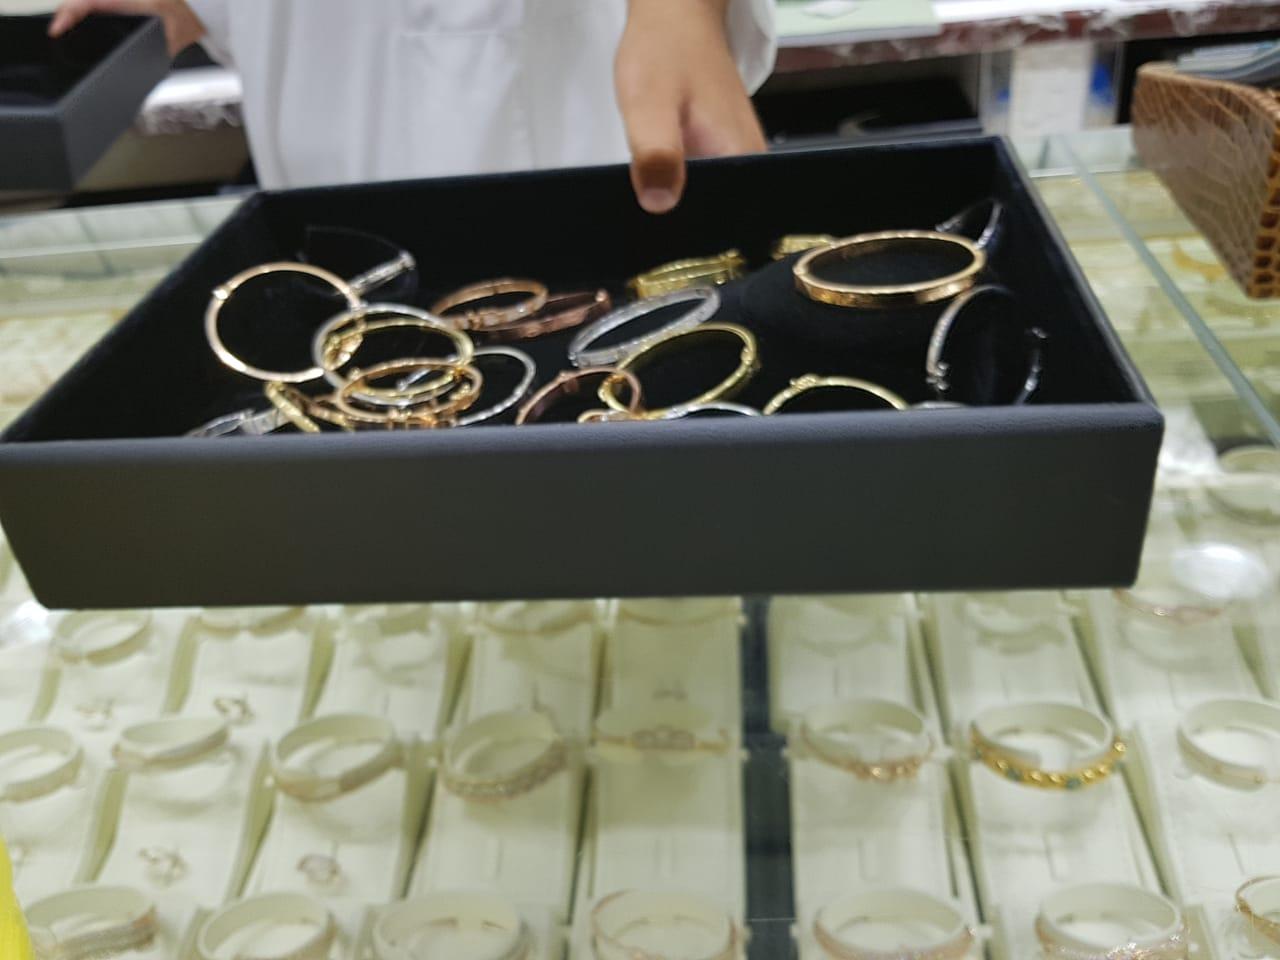 بالصور: مجوهرات بالرياض مقلدة لماركة 5c29ed12-45ea-4300-b